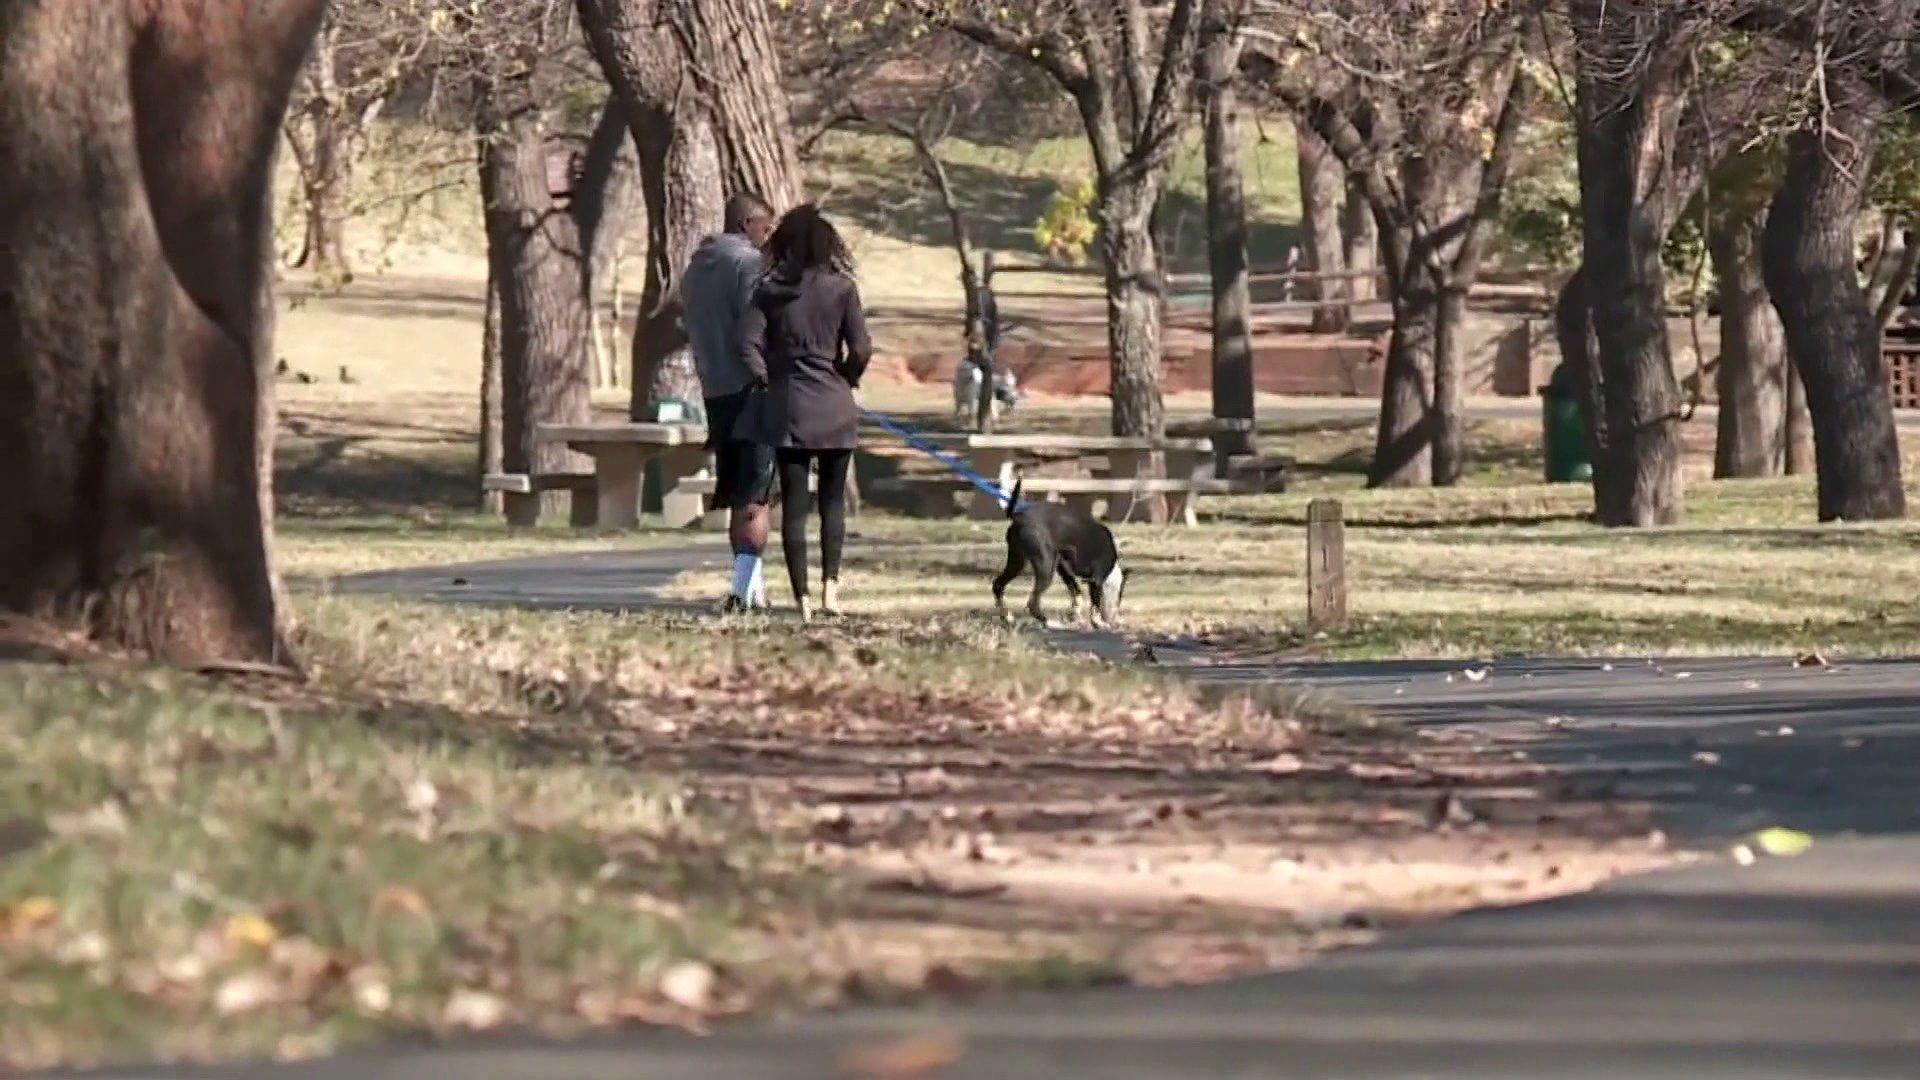 Oklahoma City parks